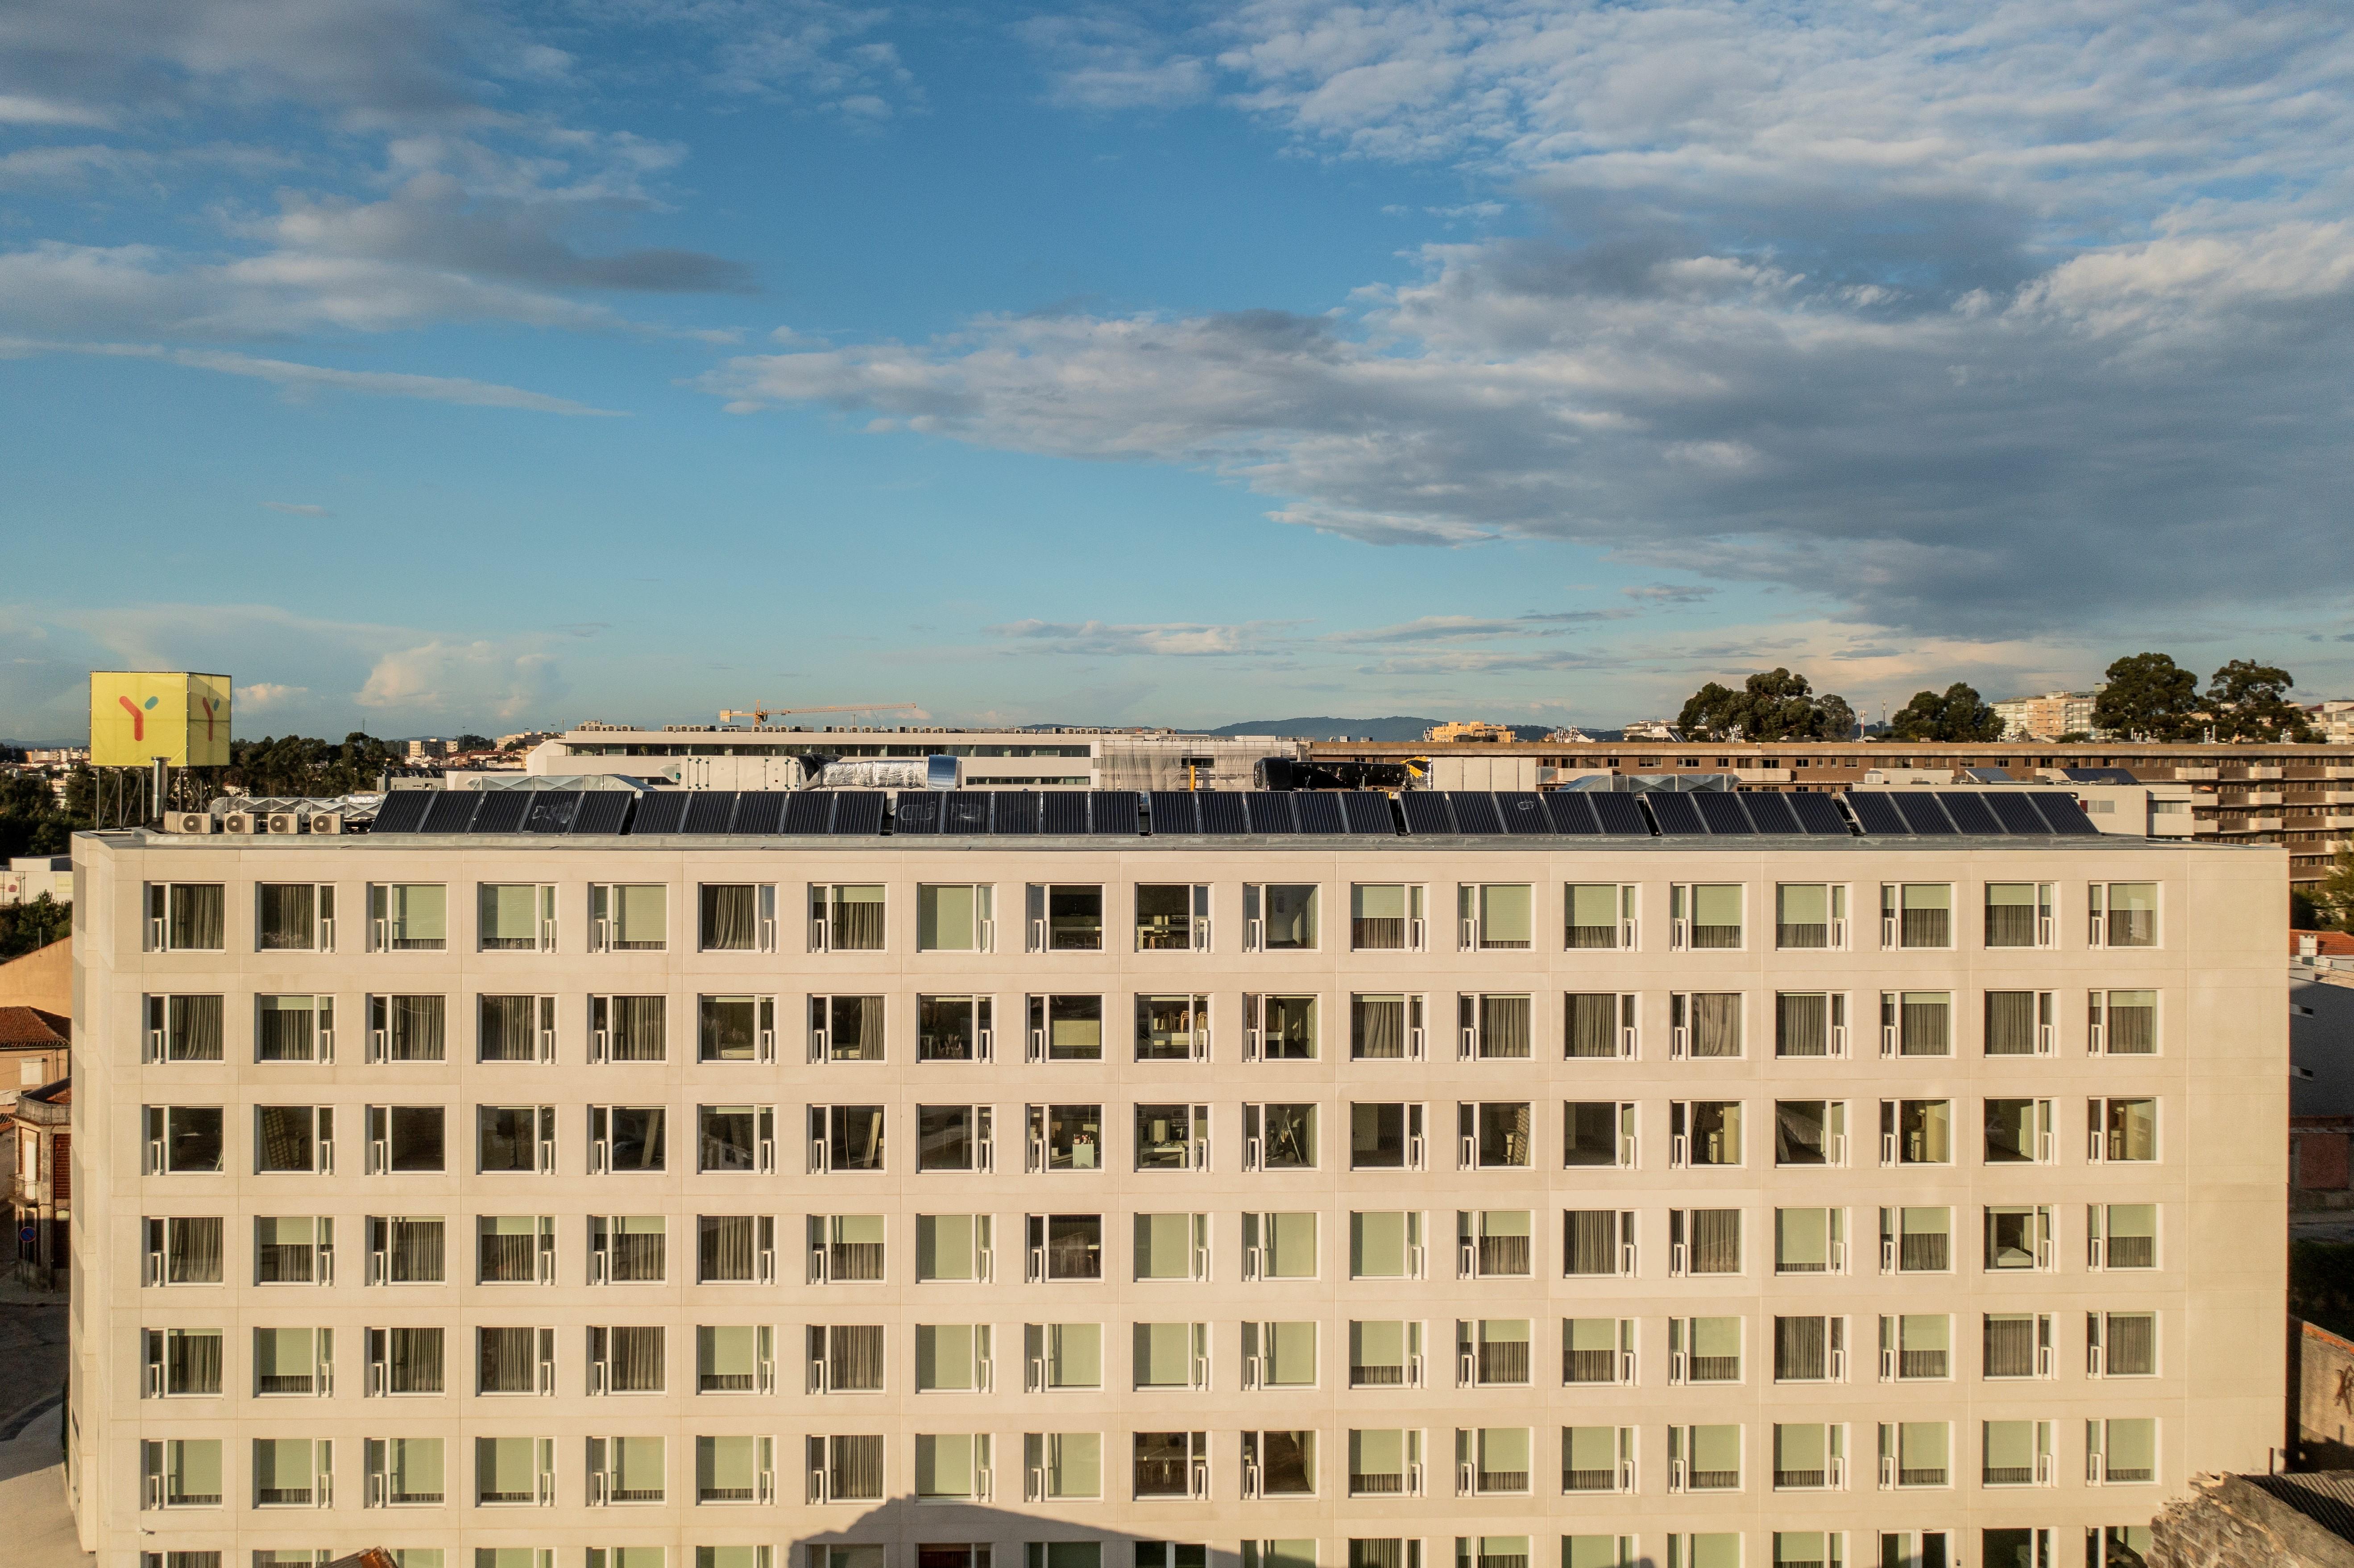 Residência de estudantes Studyou, no Porto